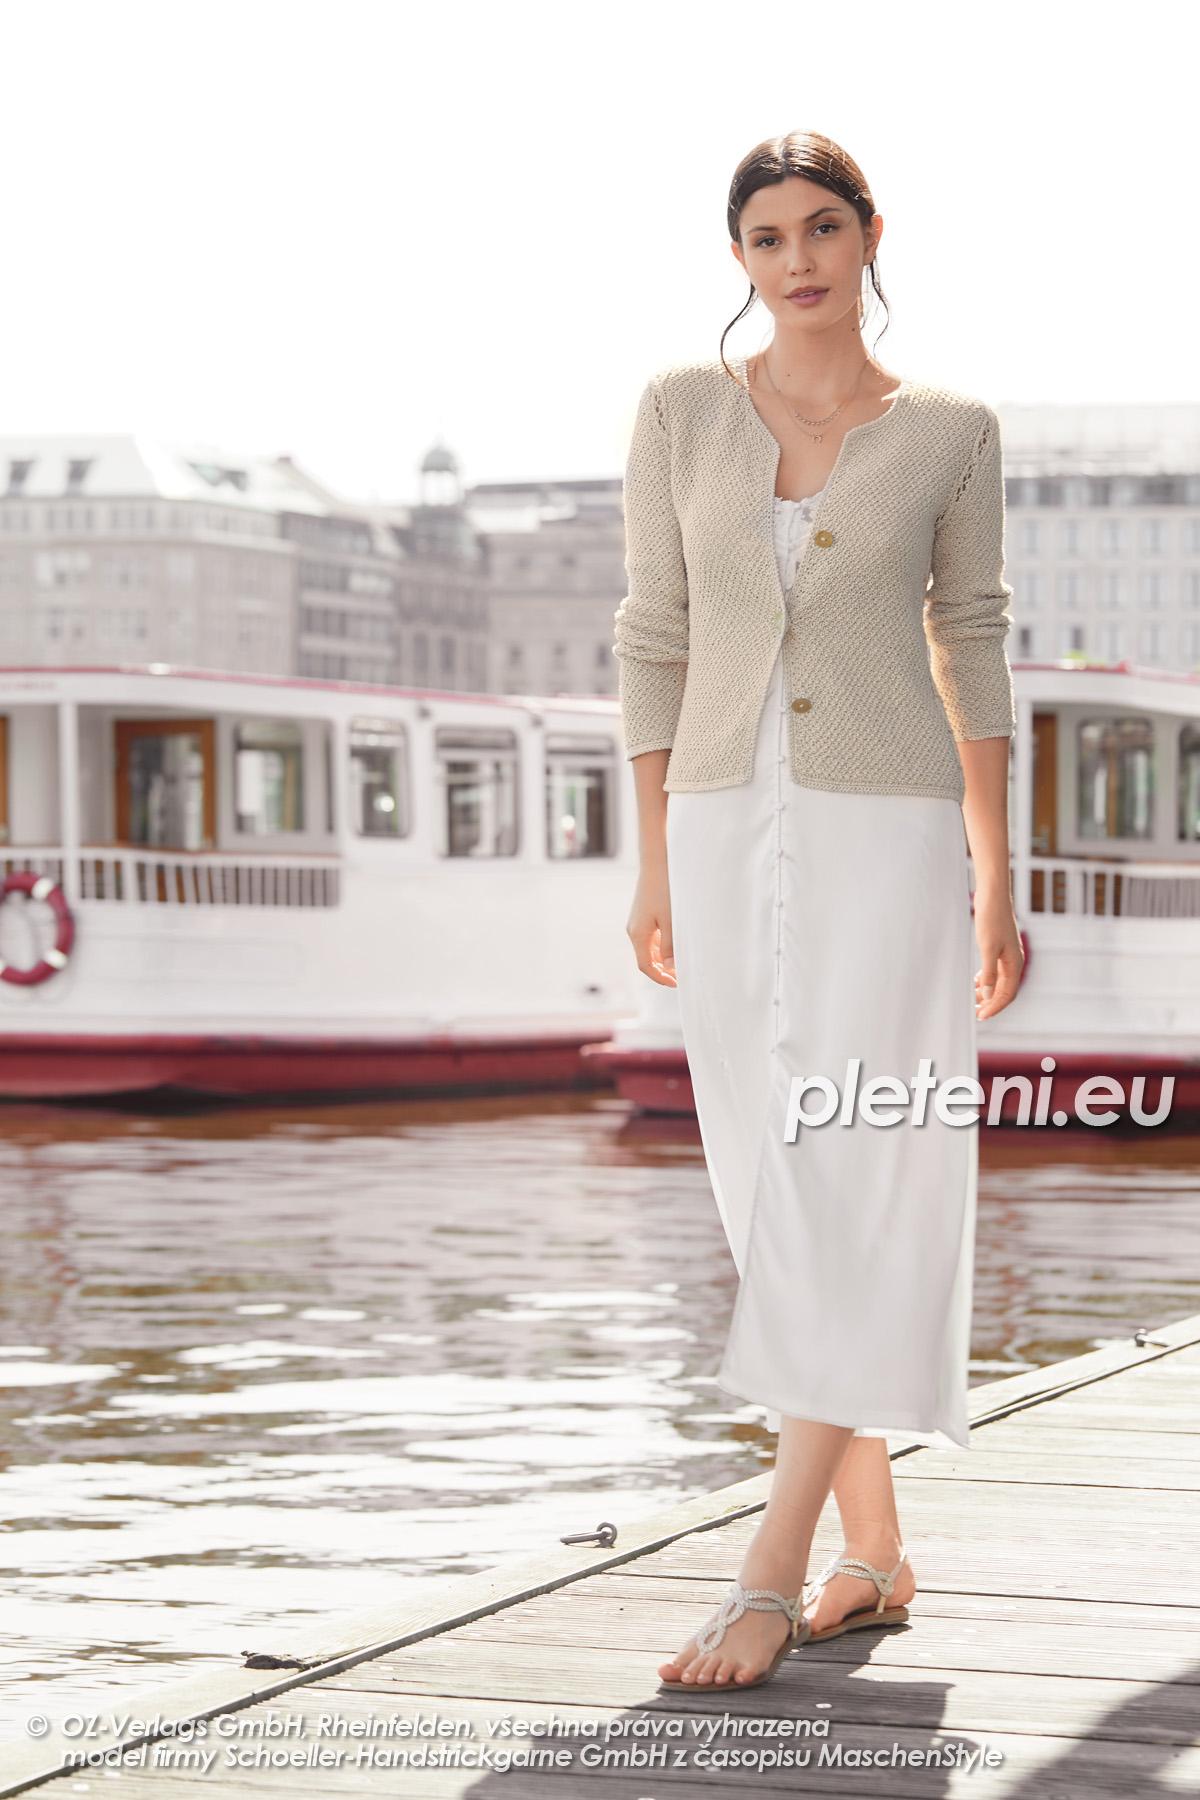 2020-L-06 pletený dámský kabátek z příze Star Cotton značky Austermann